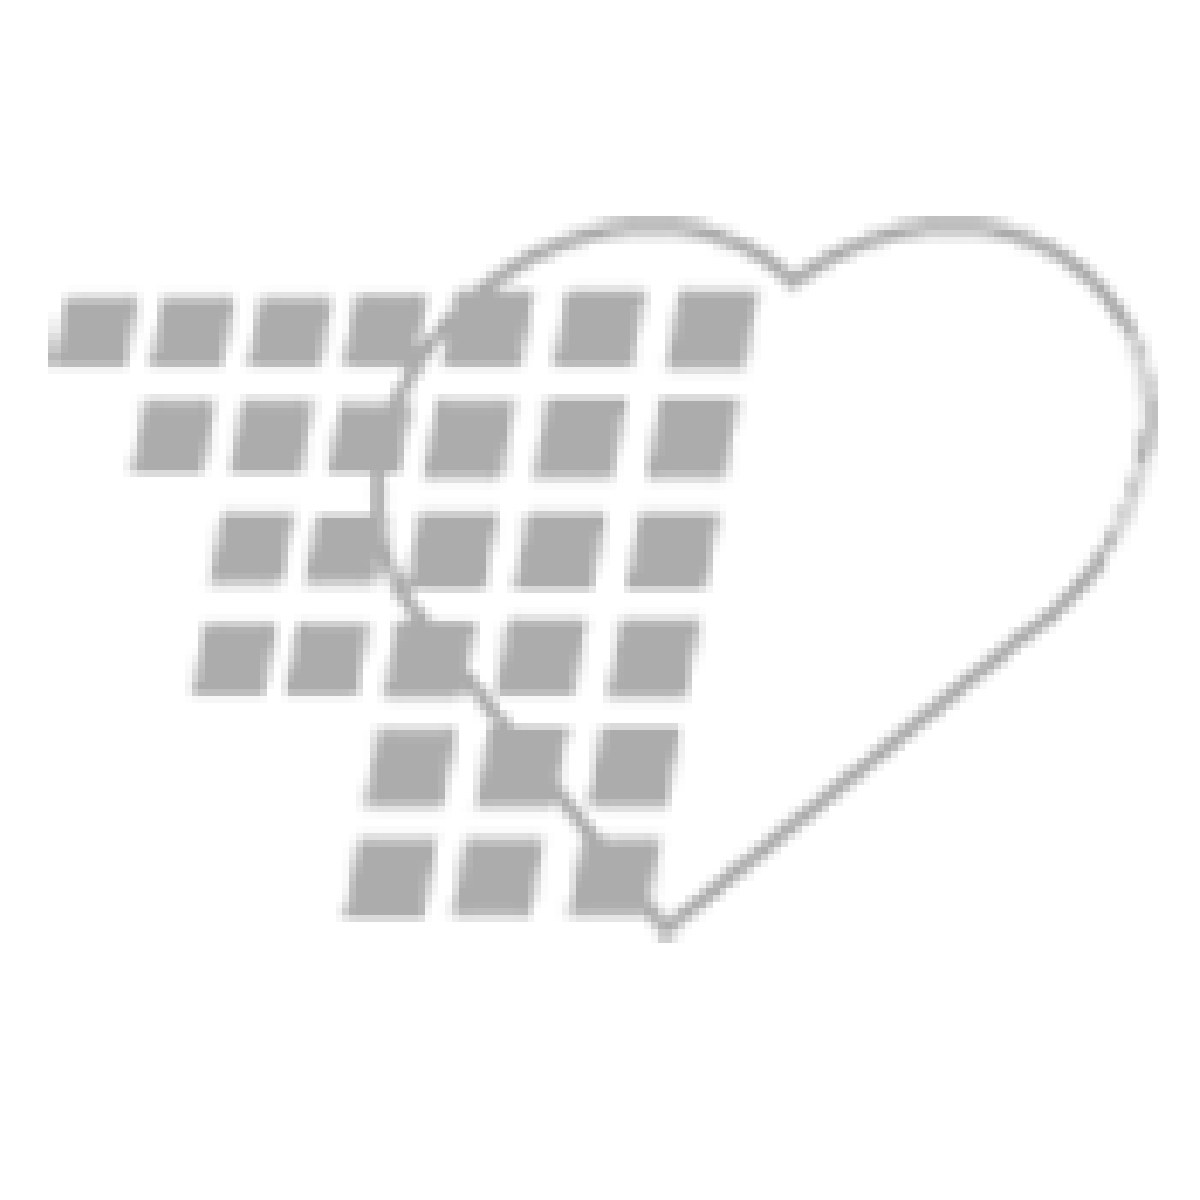 06-18-1000 - Chemosphere Bundle